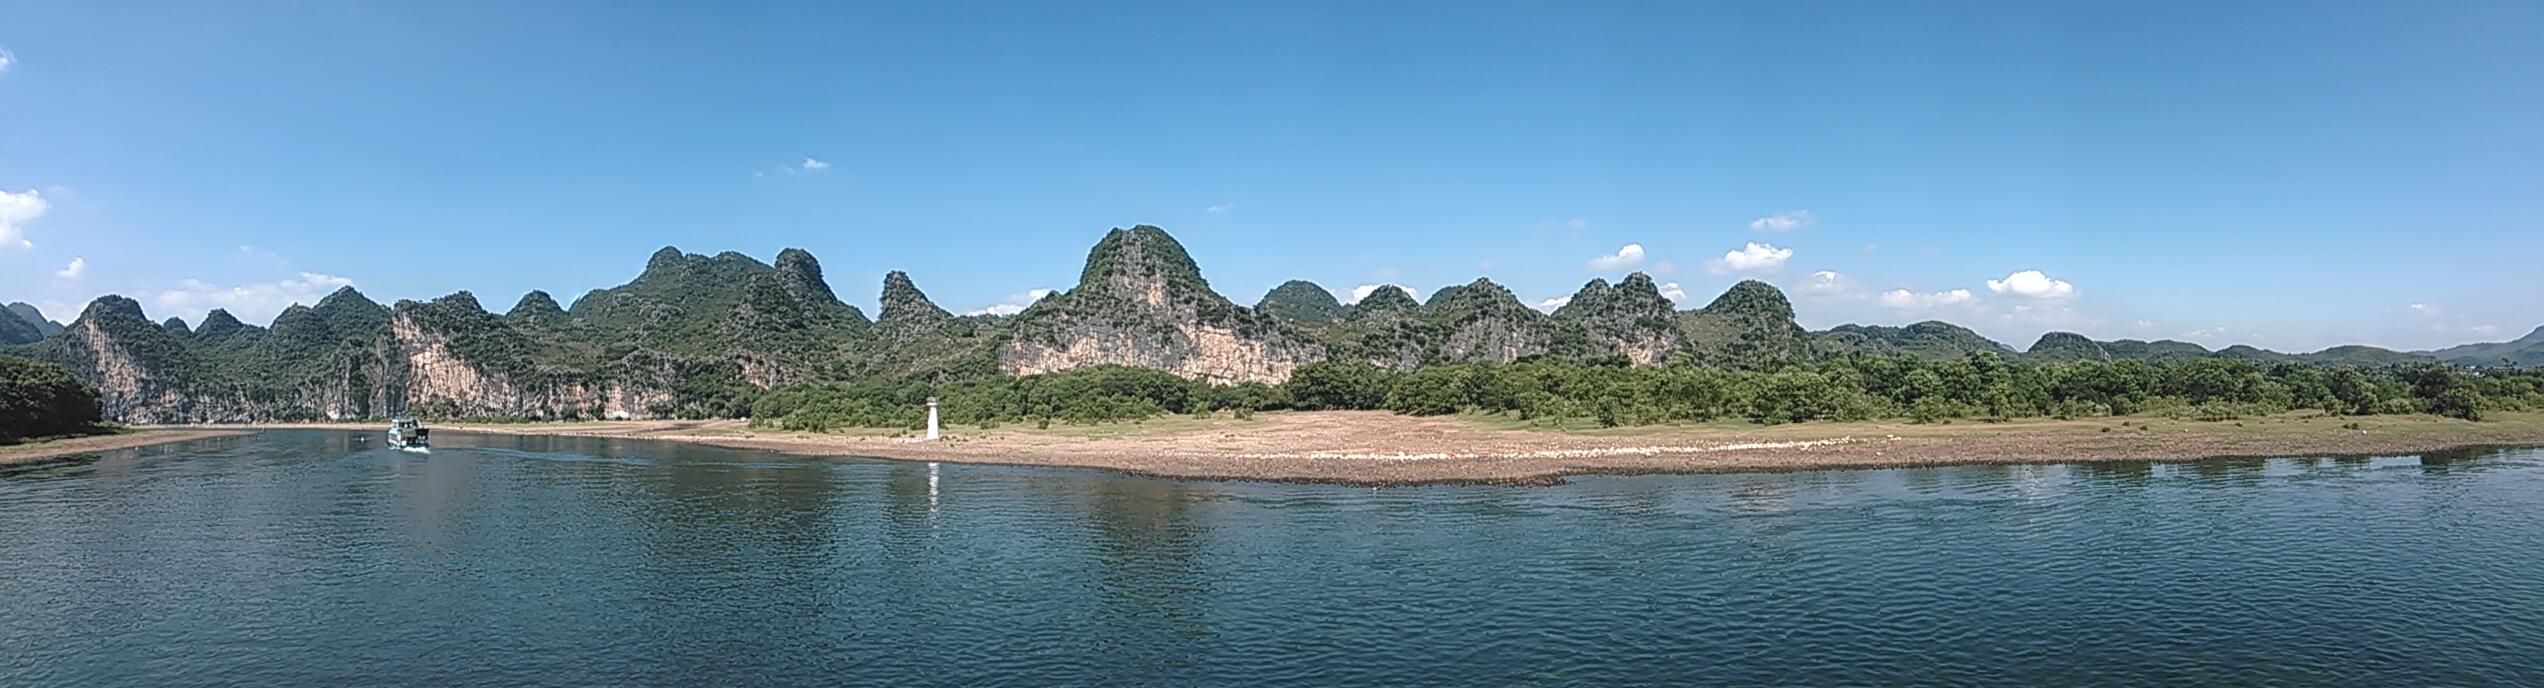 漓江风景(全景模式)